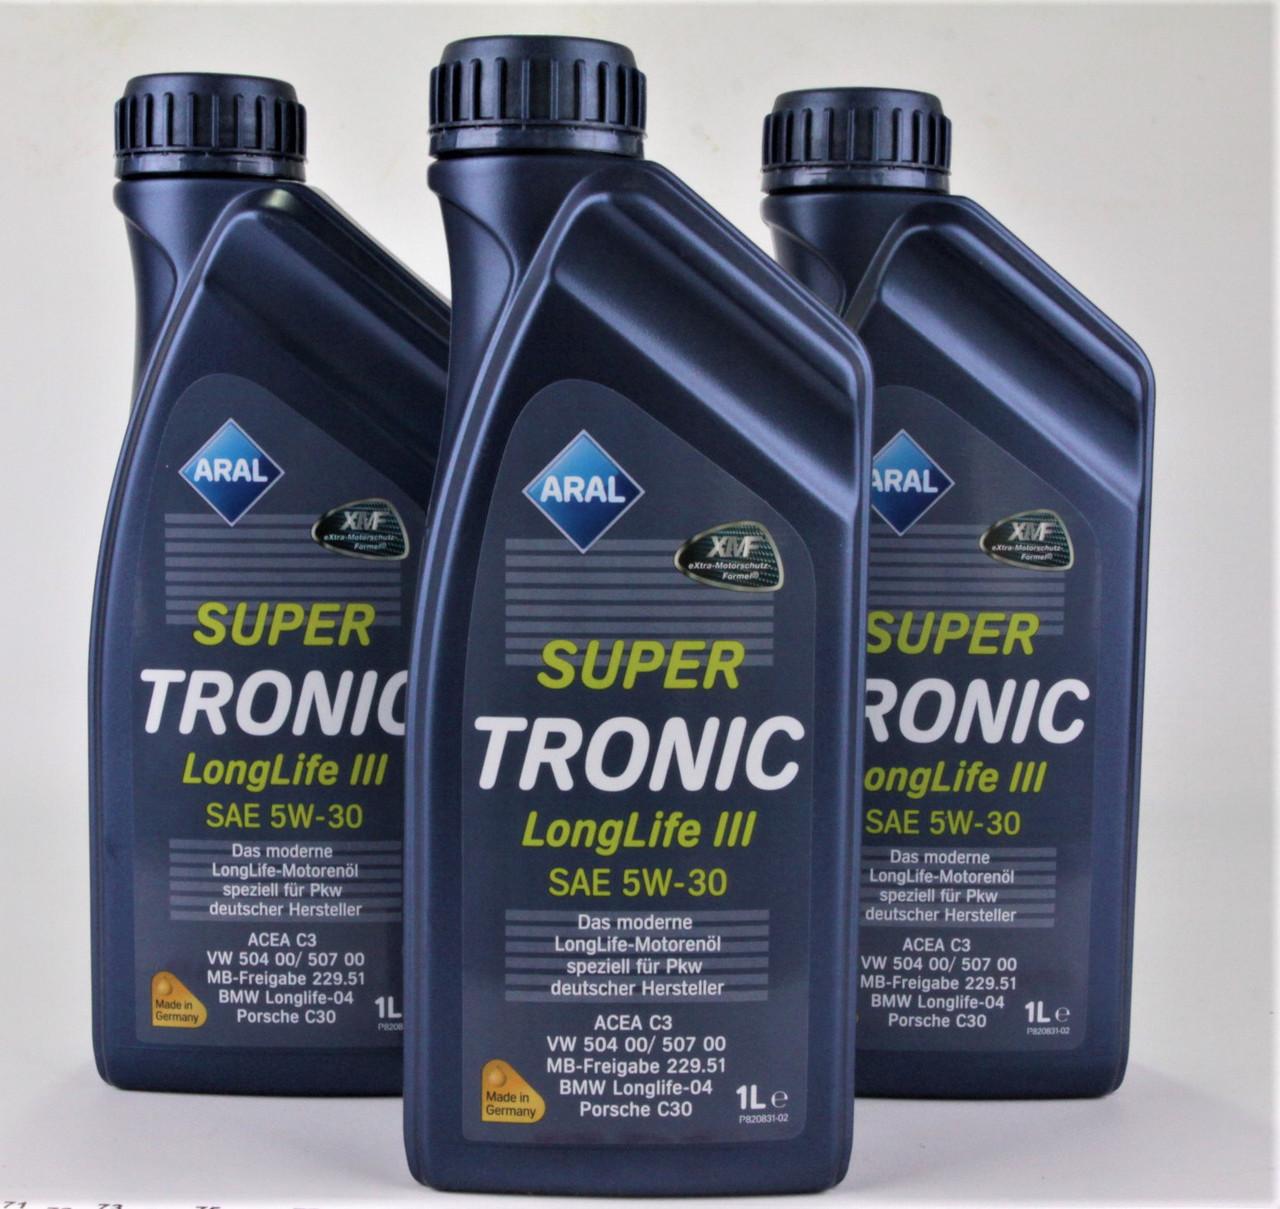 Масло 5W30 Super Tronic LL III (1L)  (VW504 00/507 00/MB229.51/BMW Longlife-04), код 20478, ARAL